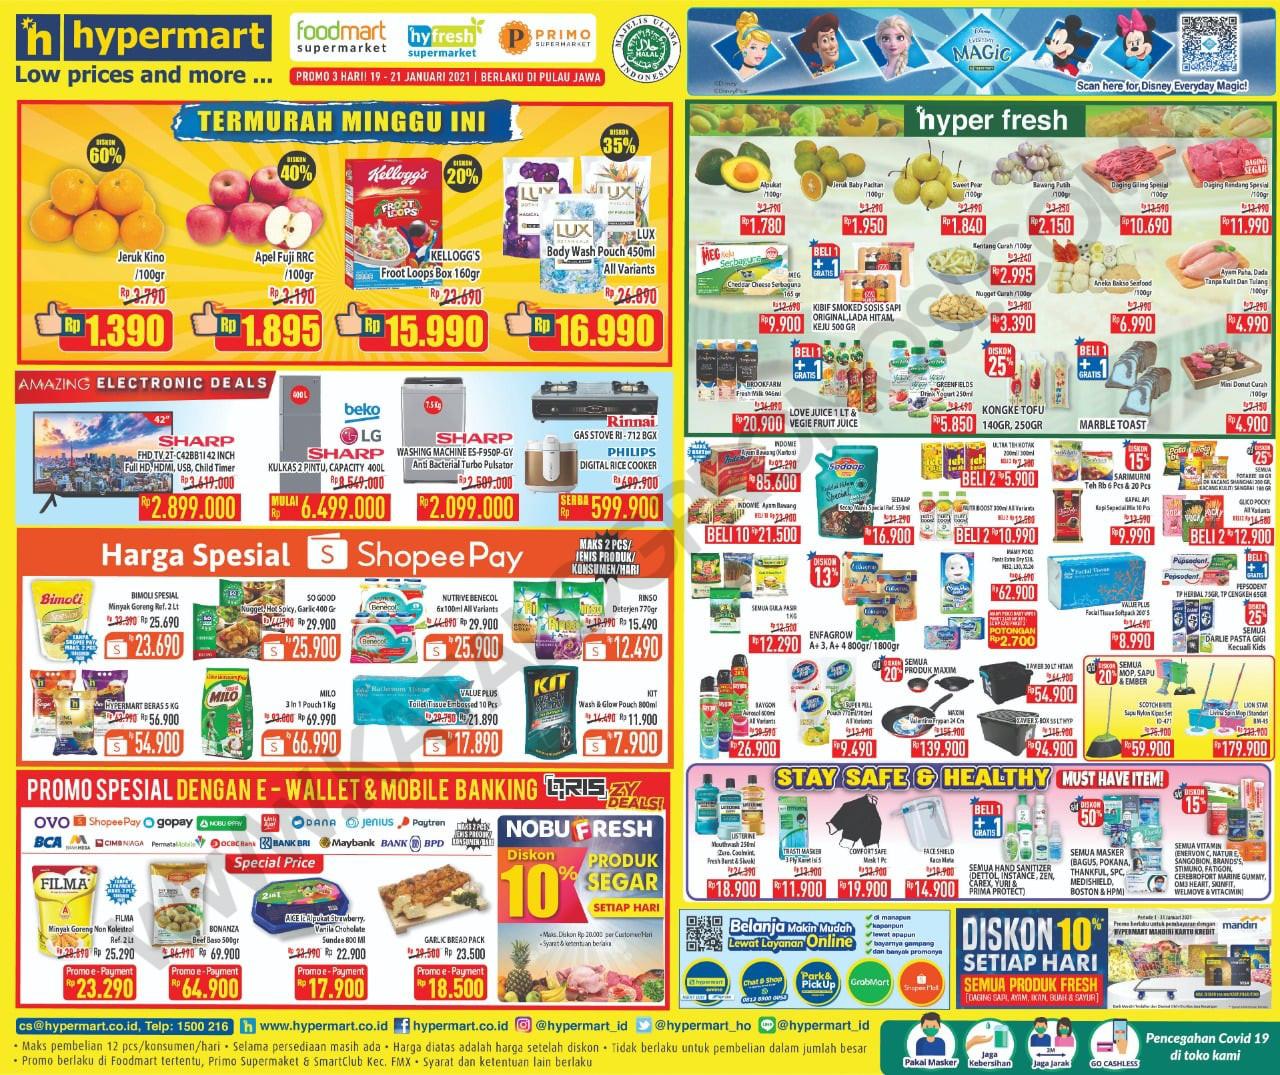 Katalog Hypermart Promo Weekday periode 19-21 Januari 2021